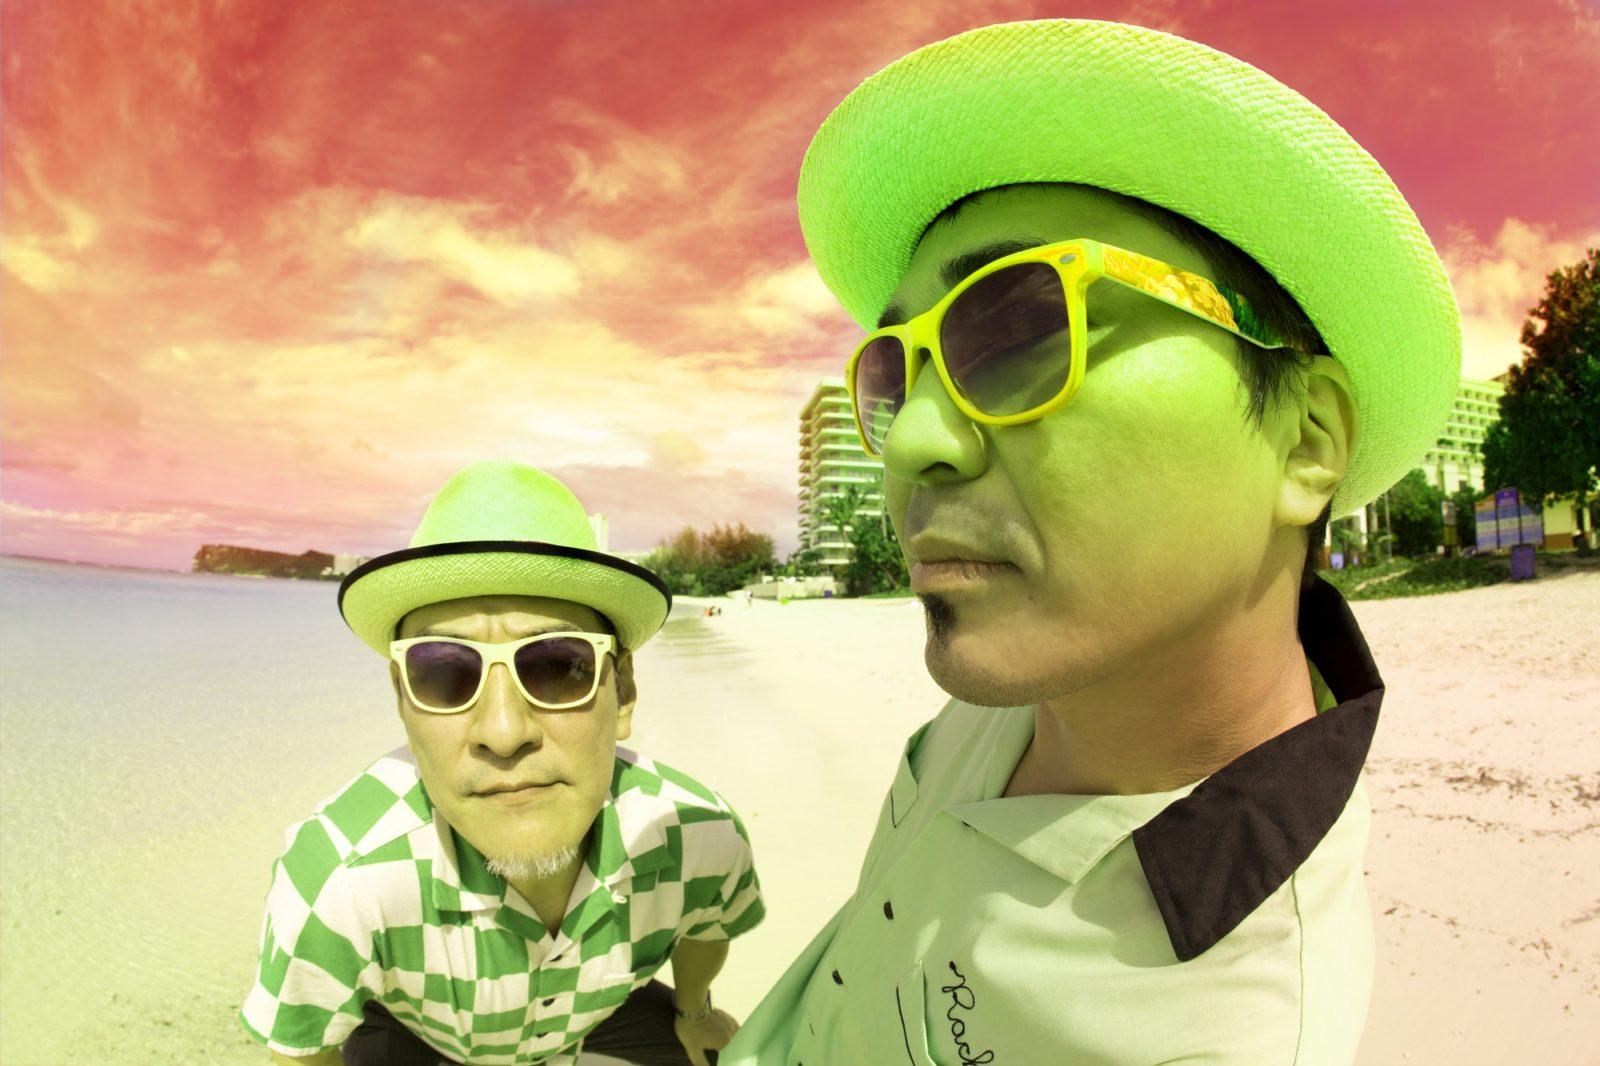 電気グルーヴ、1993年~2013年の名ライブ映像5作を急遽ニコニコ動画で配信決定サムネイル画像